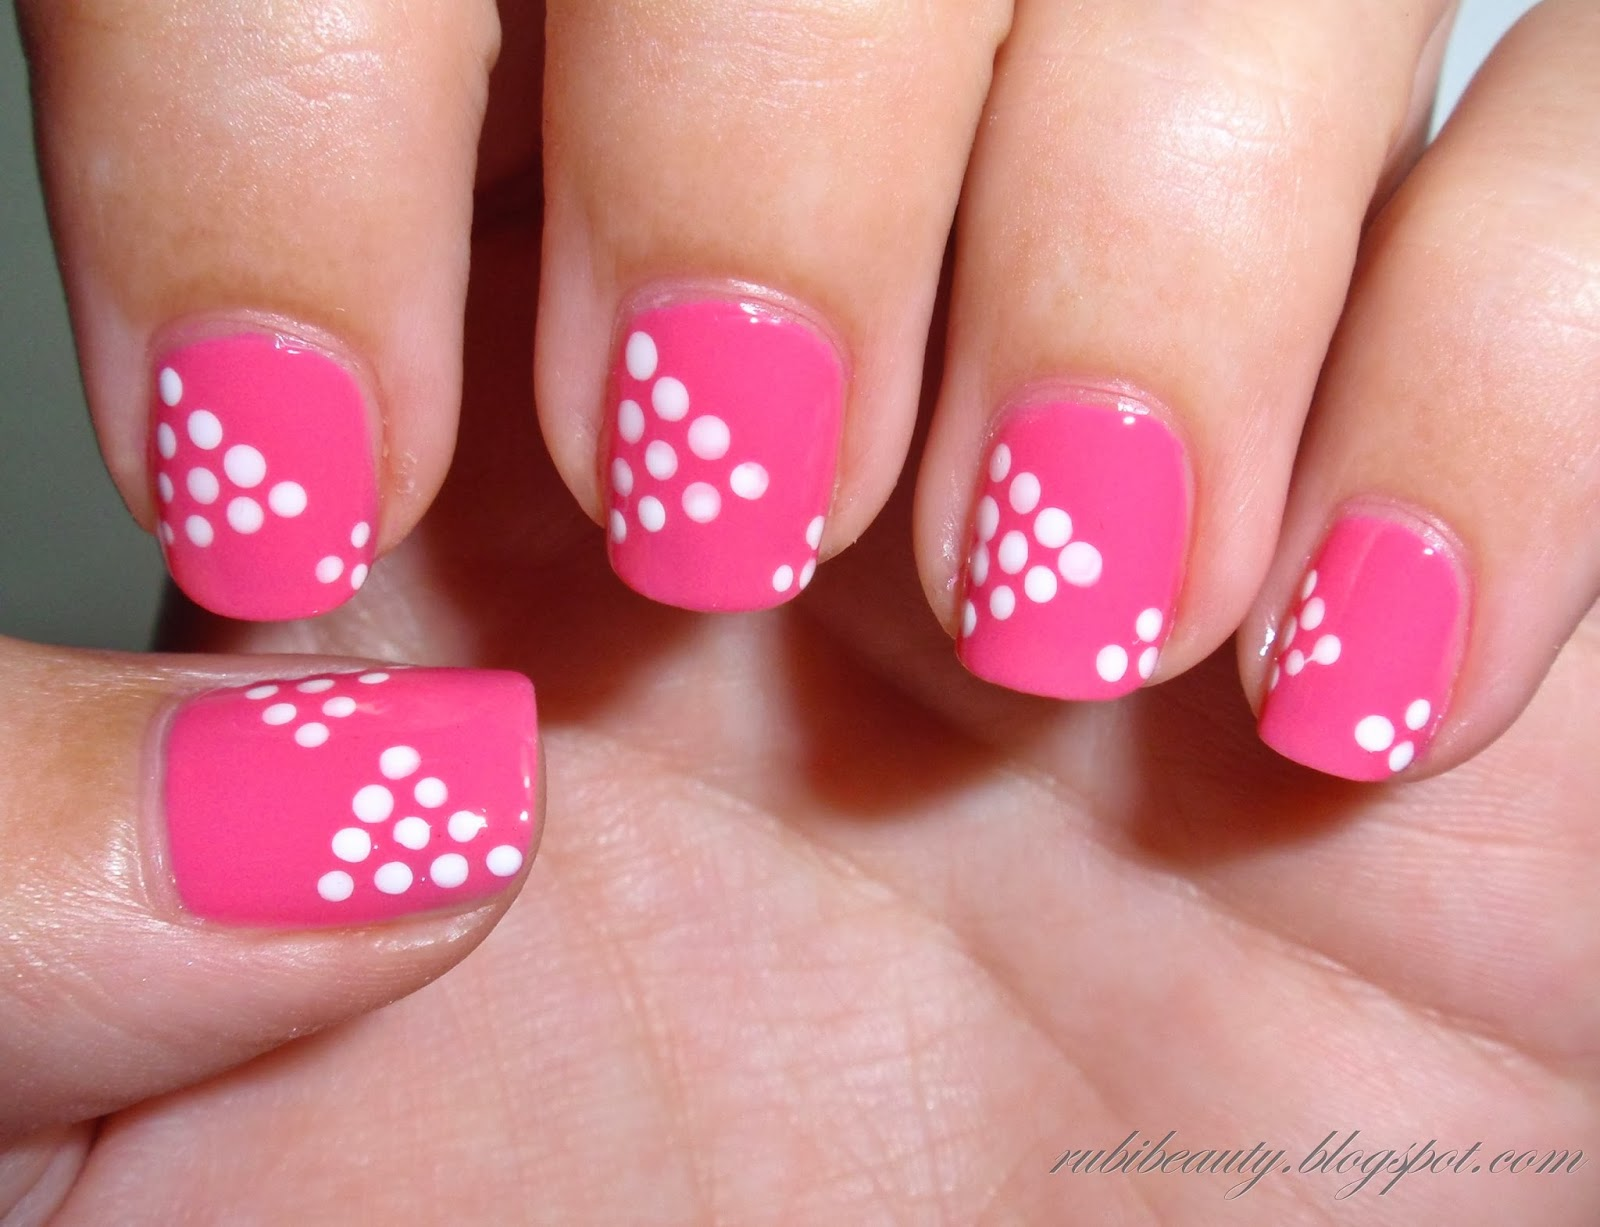 Rubibeauty nail art dise os de u as variados puntos for Decoraciones faciles para unas